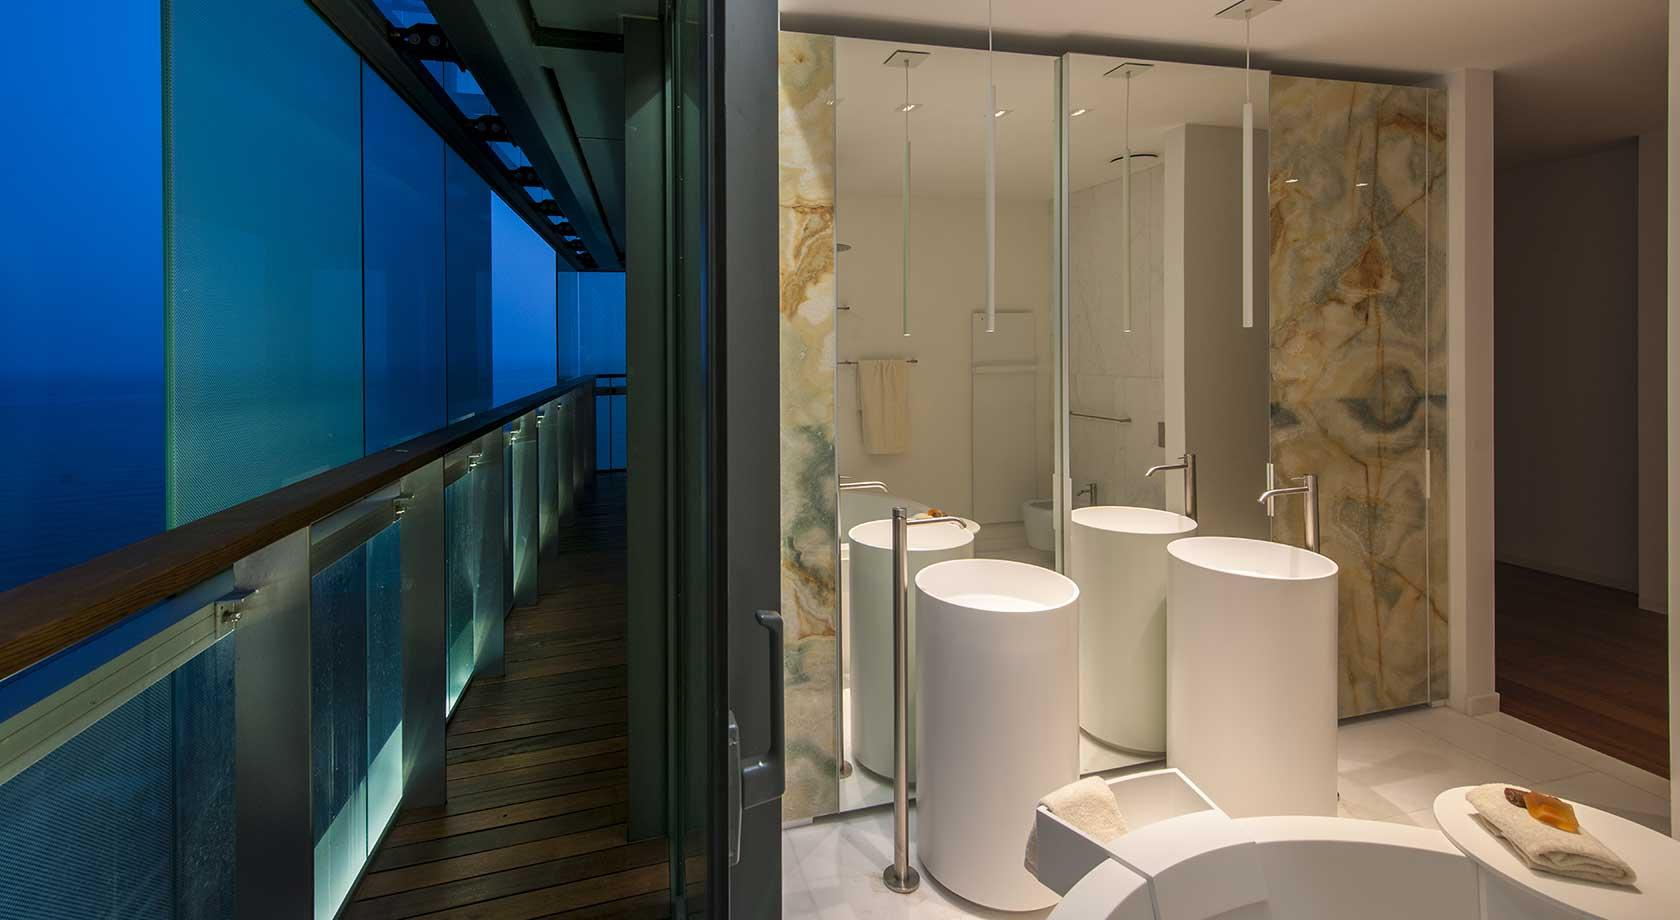 Progetto d interni arredo bagno in corian progetto residenziale